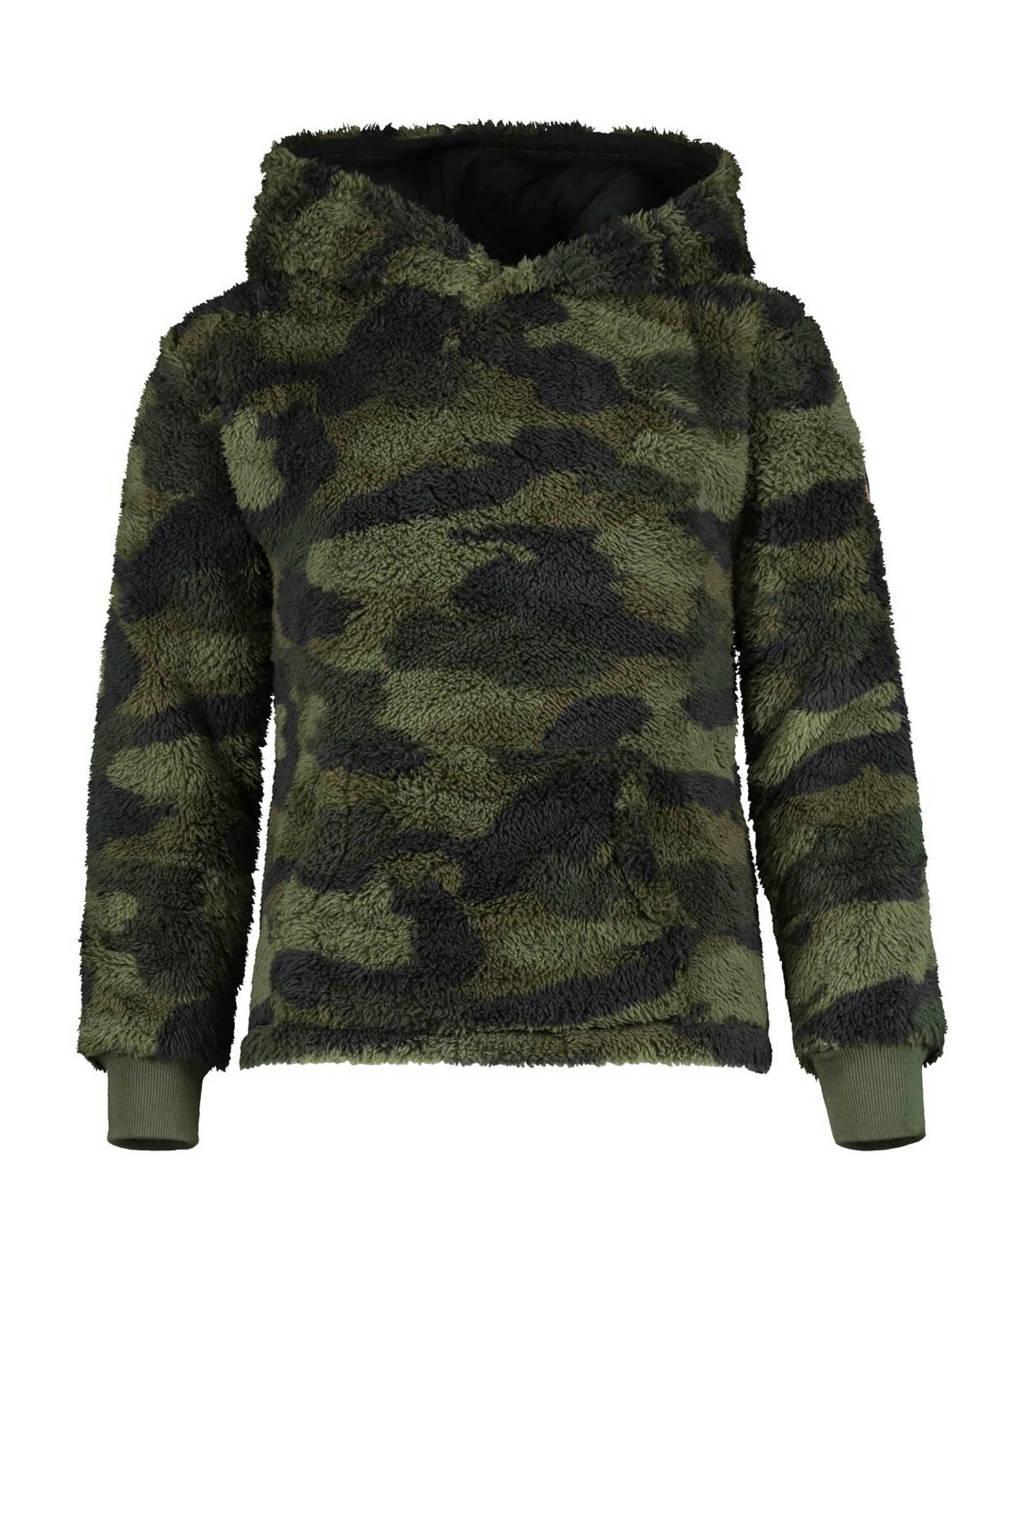 HEMA hoodie Ronald met camouflageprint groen, Groen